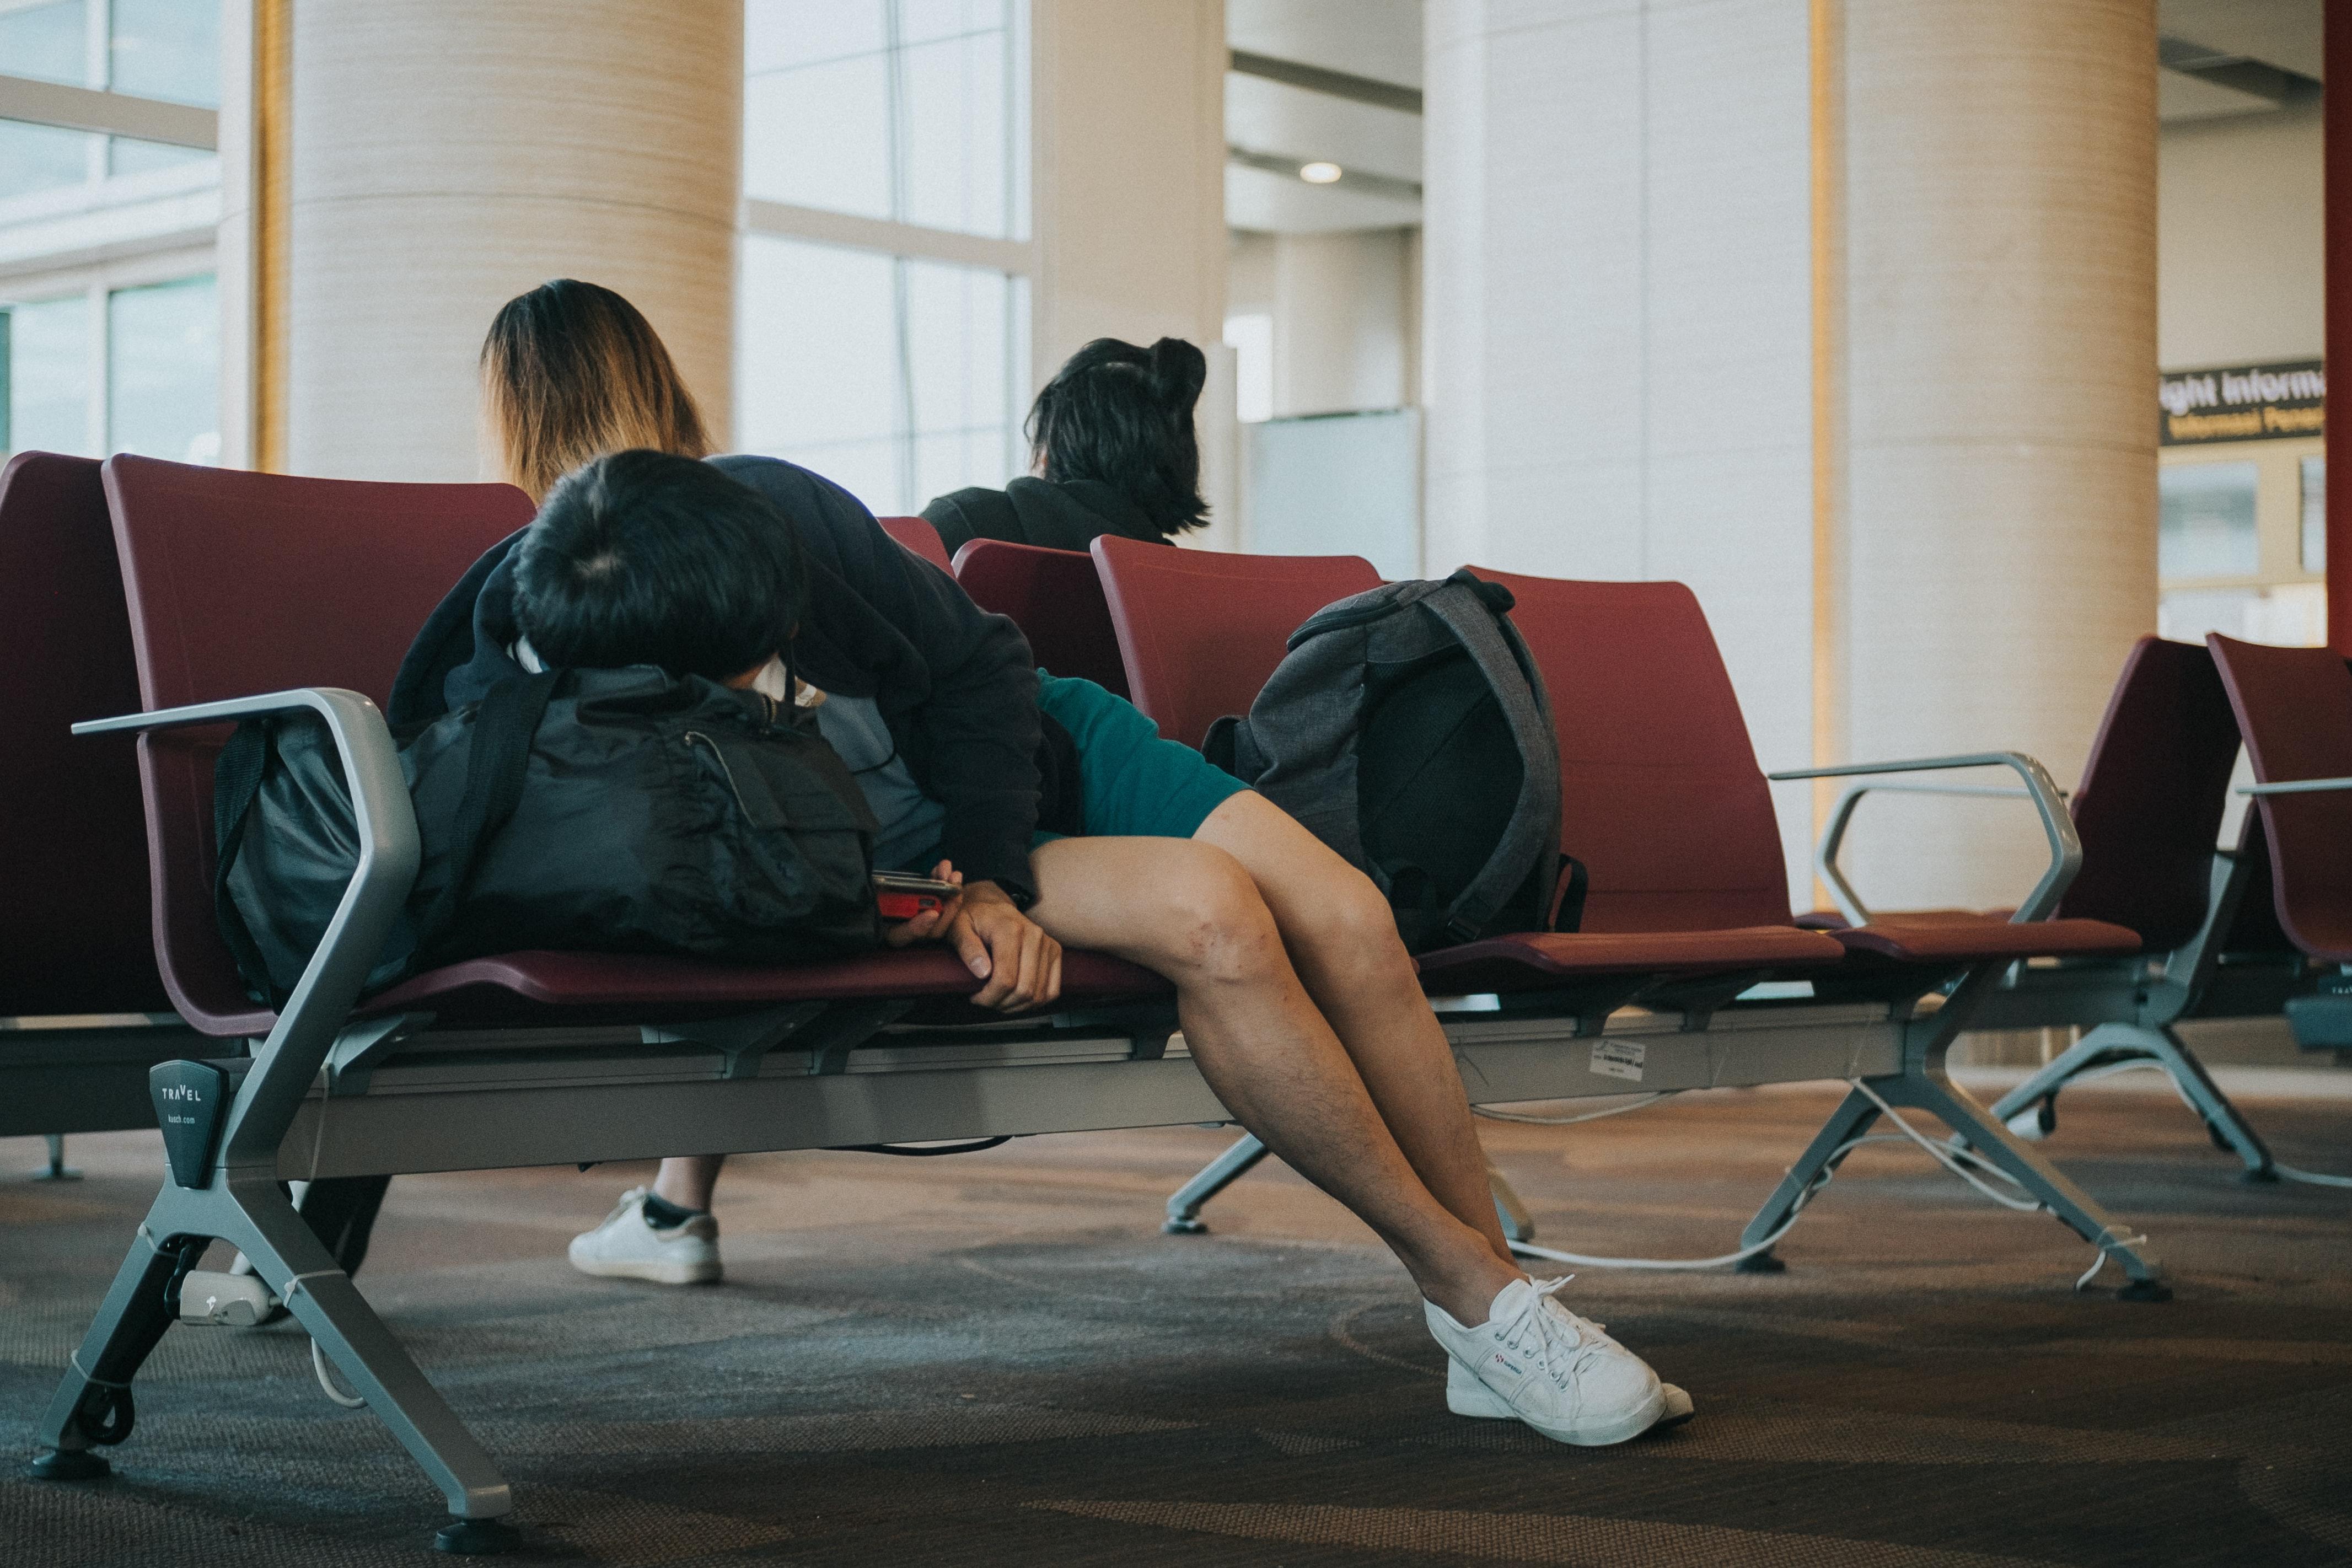 Jet Lag vs. Private Jet: Jak radzić sobie ze zmęczeniem spowodowanym różnicą czasu?